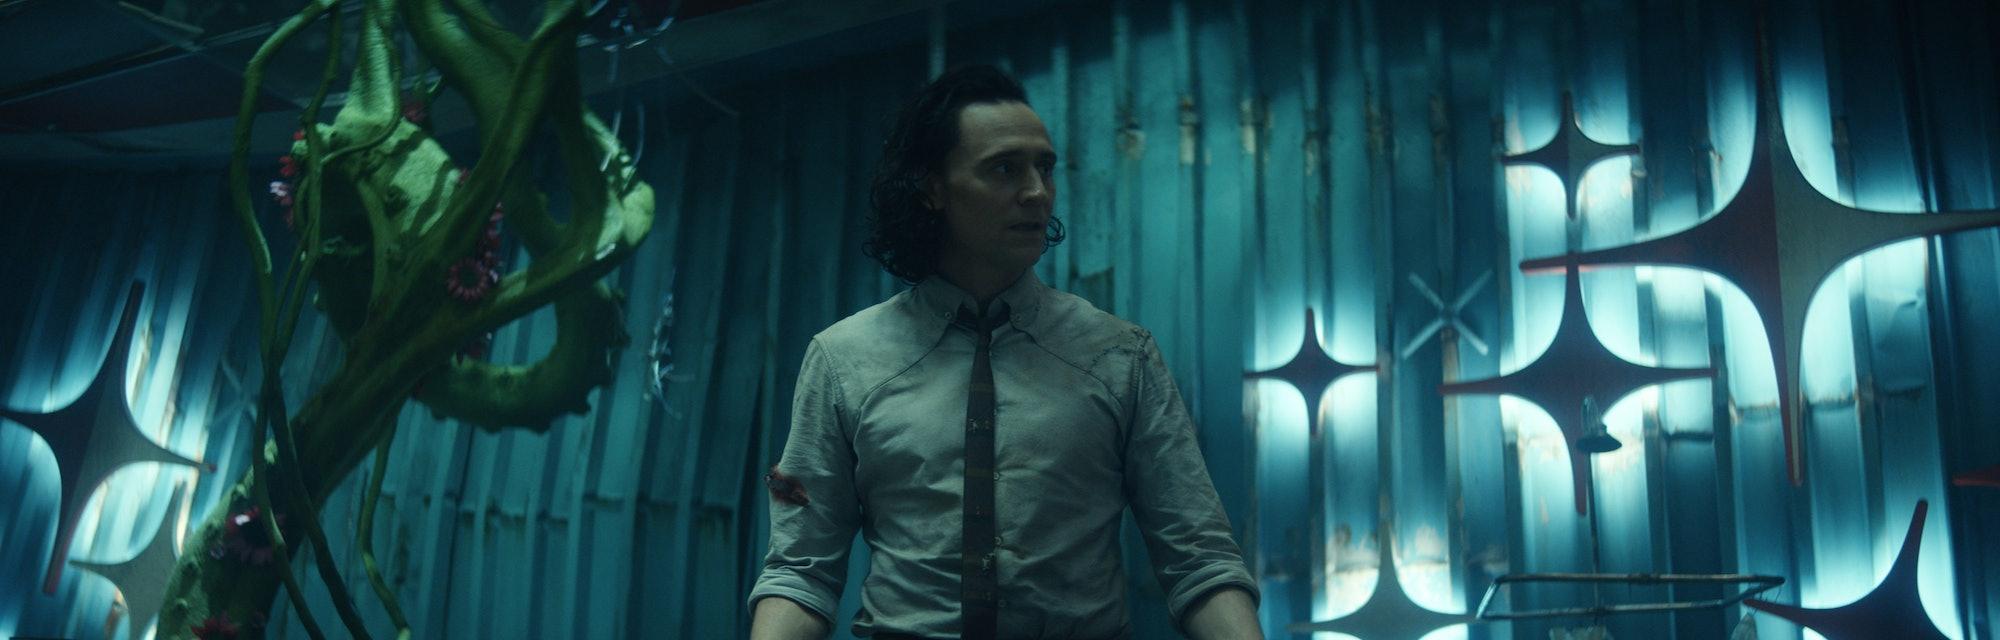 Loki Disney+ series